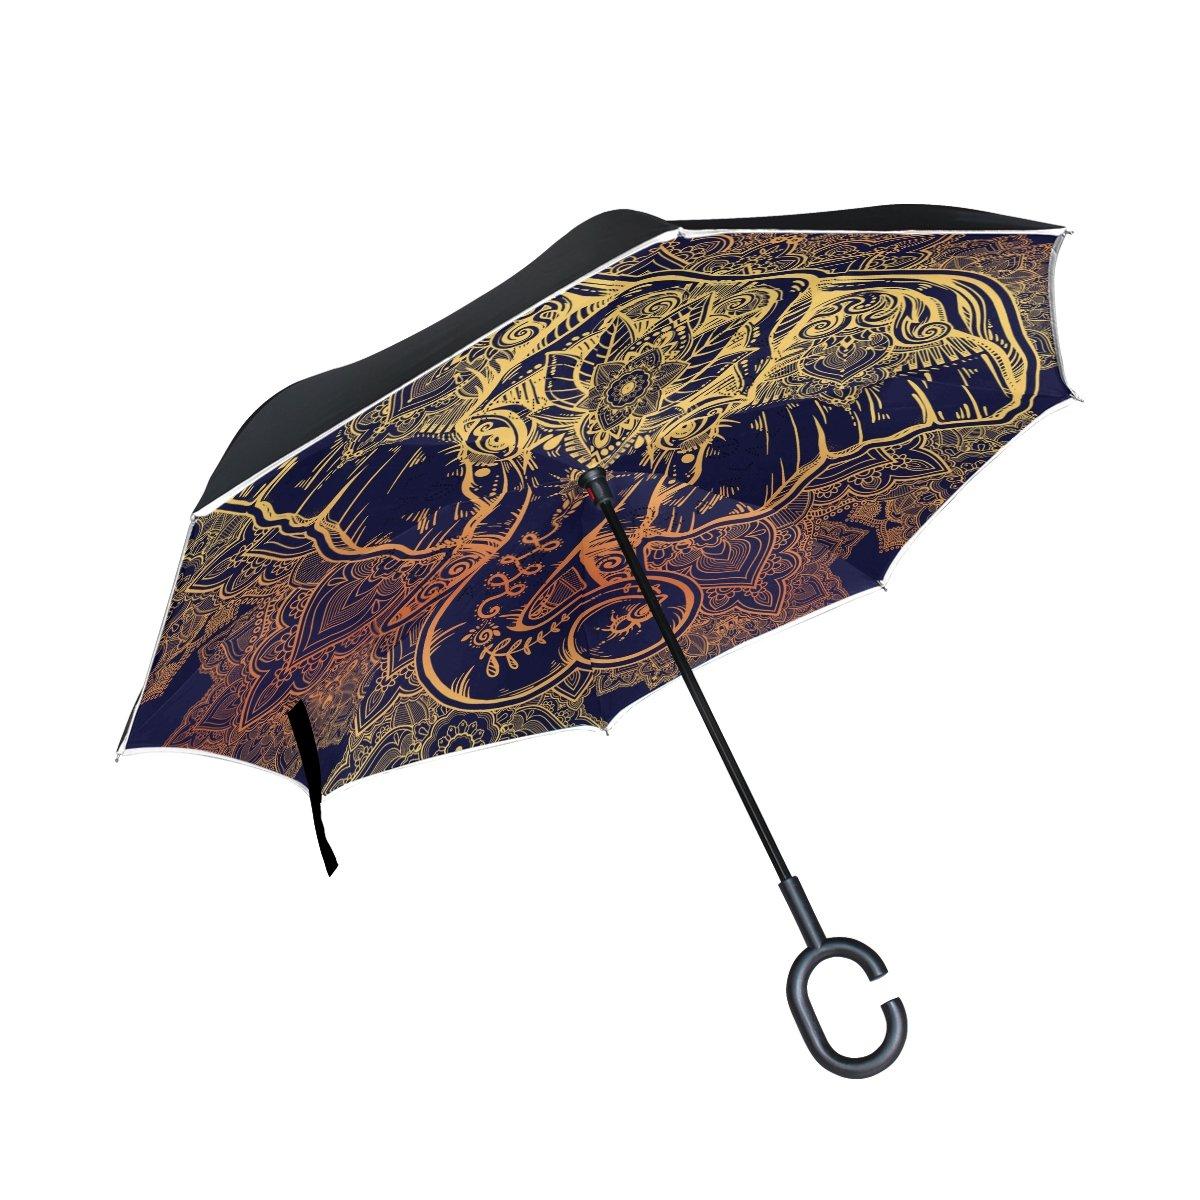 imobaby recto Self-Standing reserva paraguas hermoso floral Paisley Elefante cabeza doble capa auxiliar plegable paraguas paraguas impermeable para coche: ...